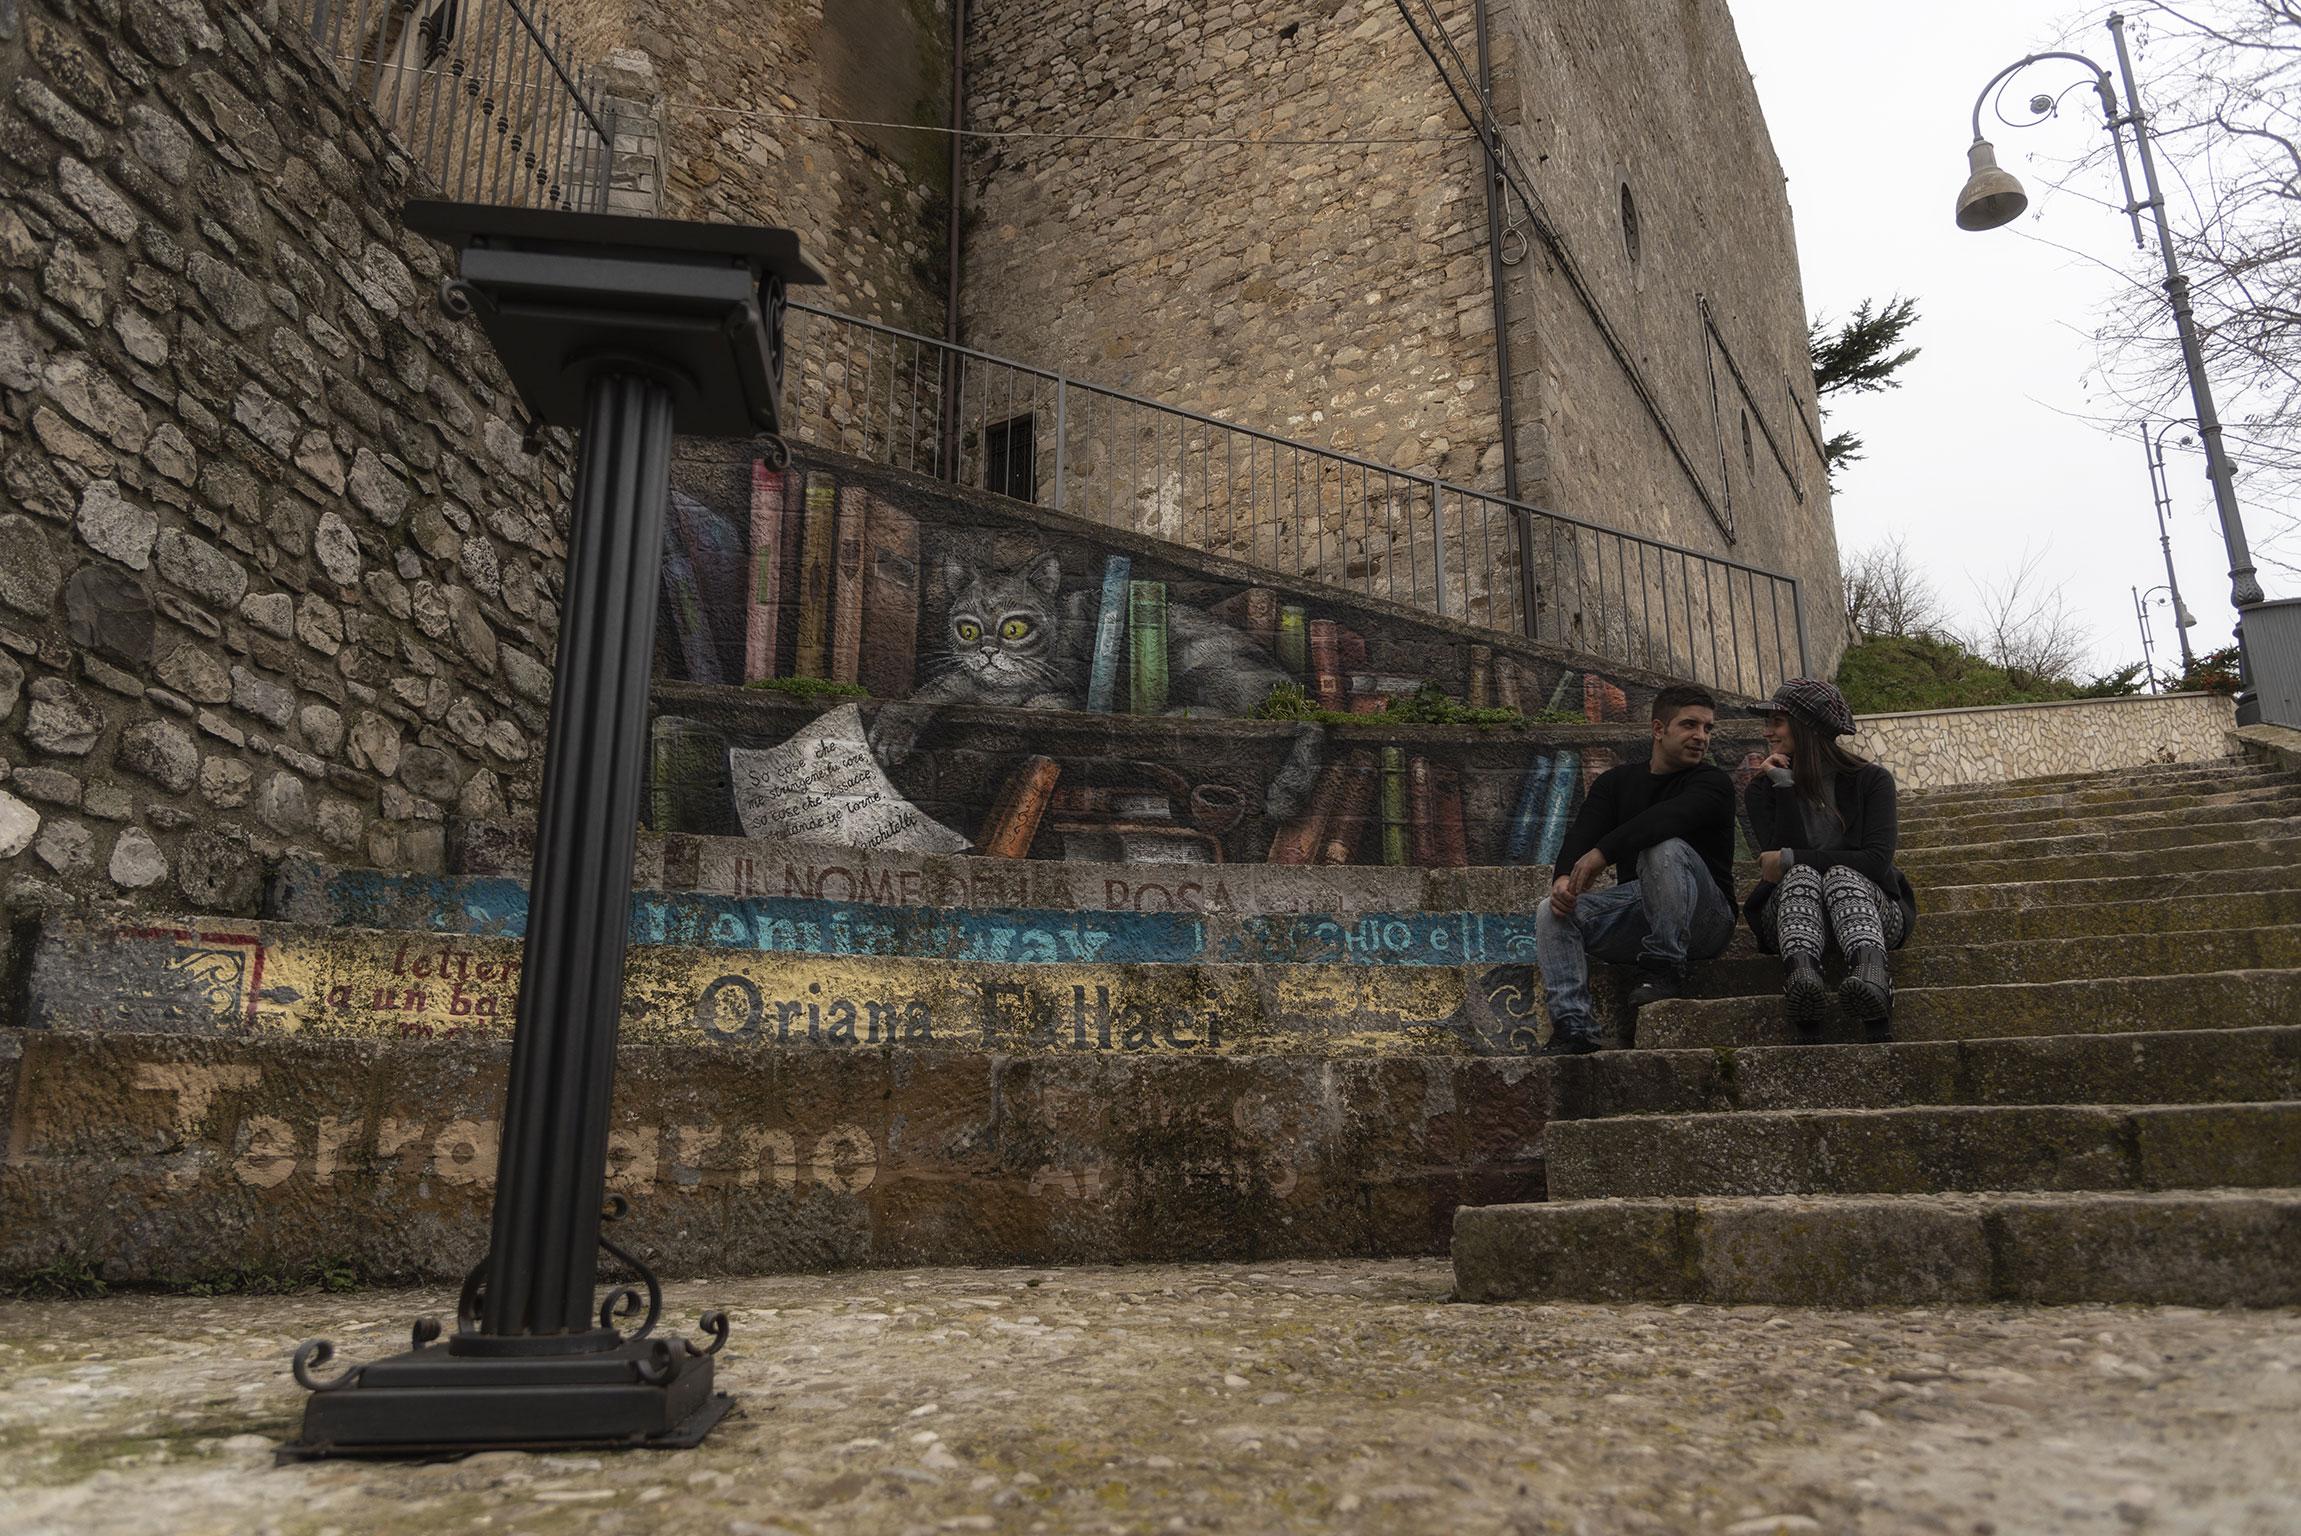 Piazzetta della Lettura, Sant'Agata di Puglia